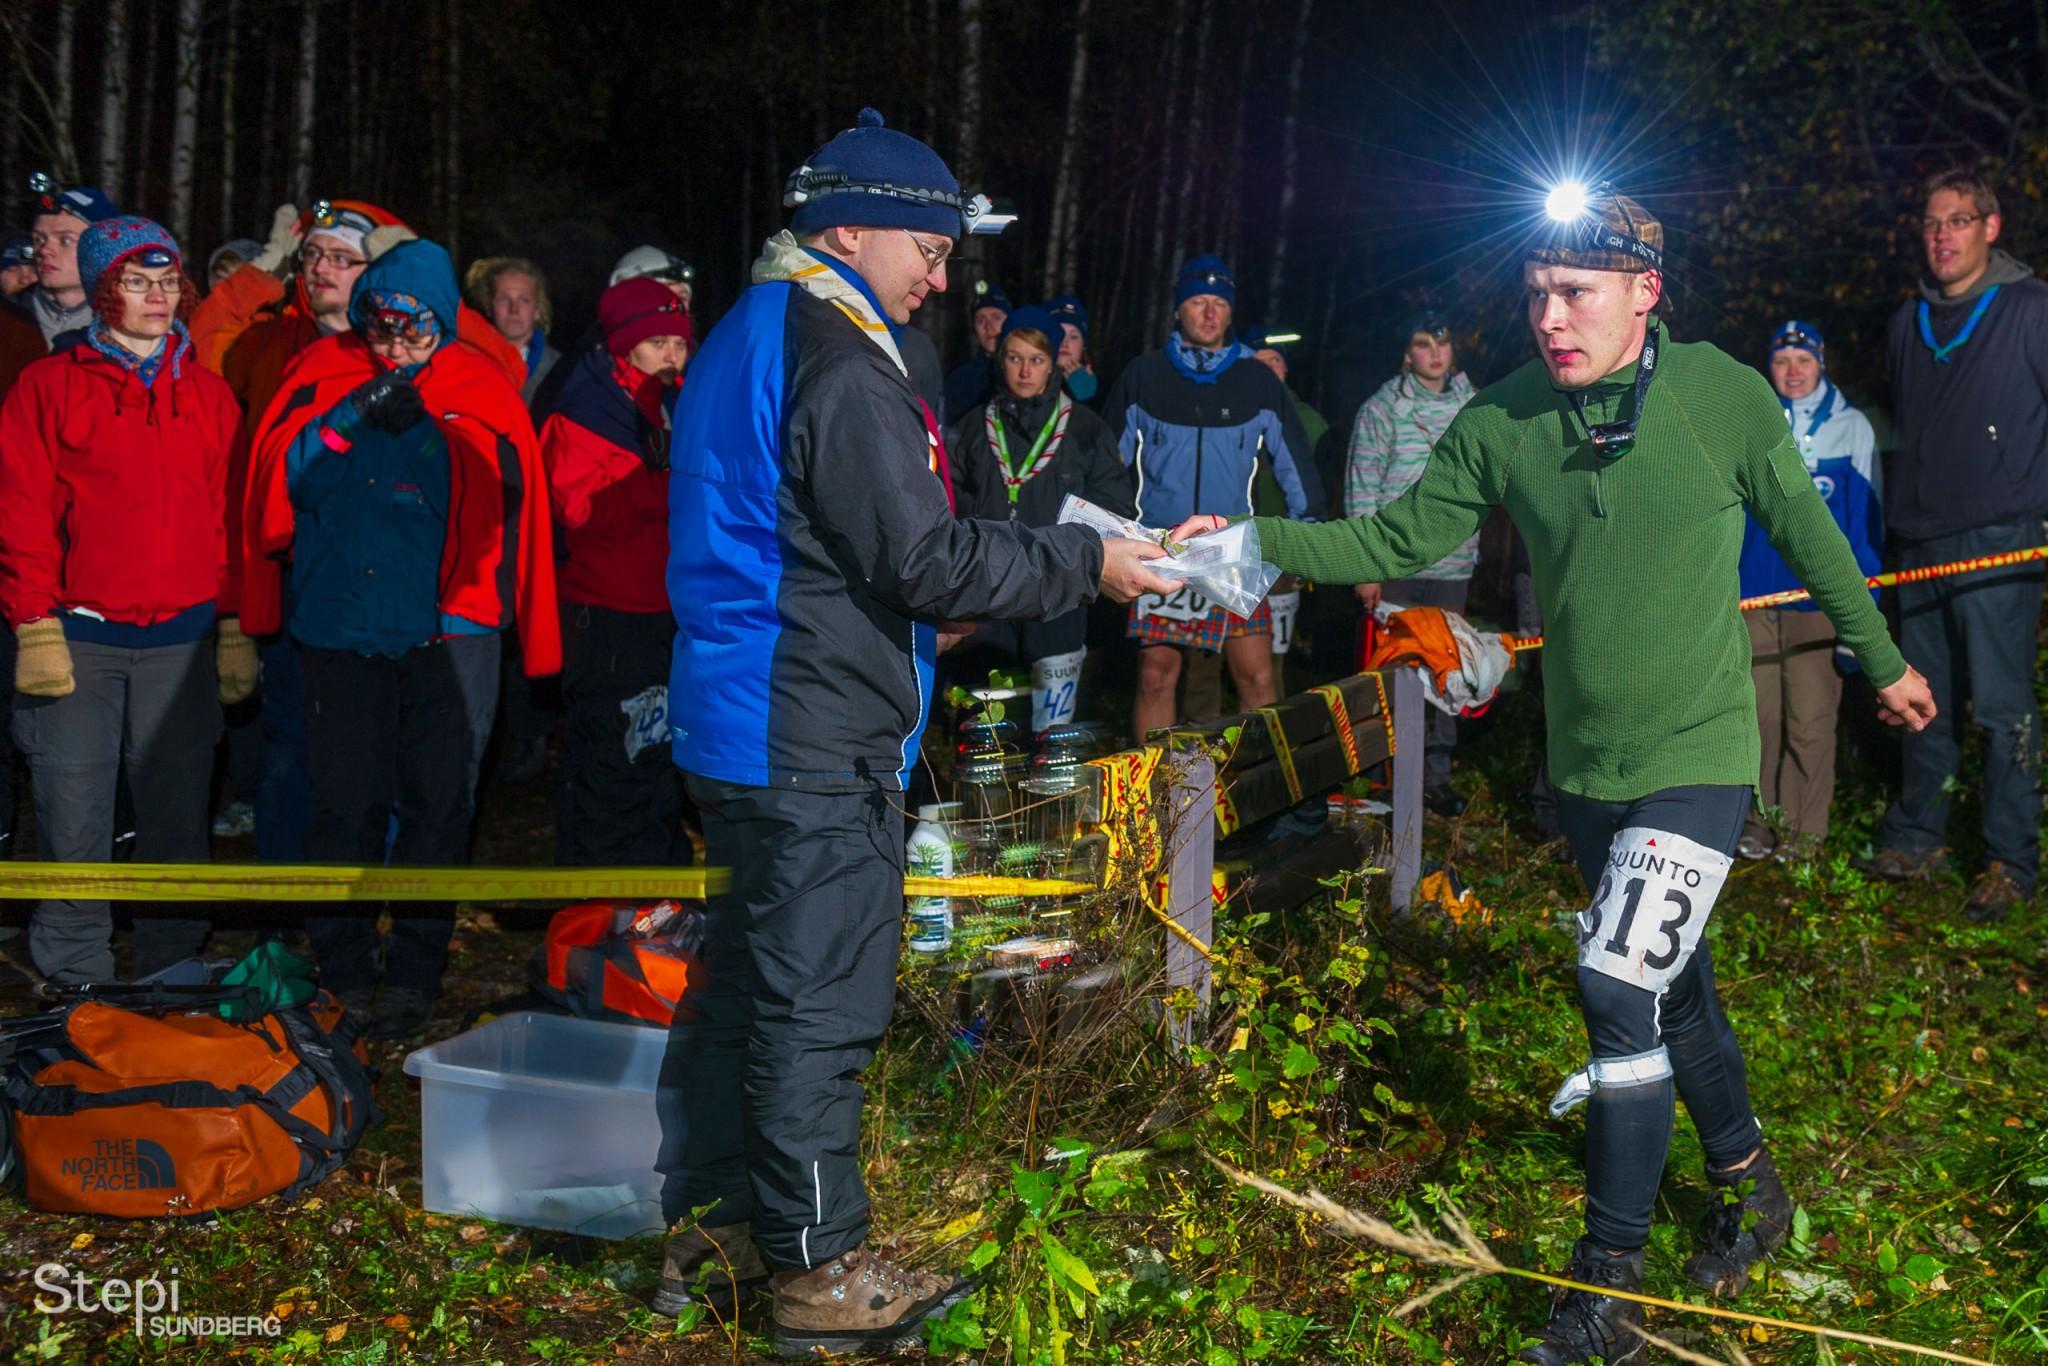 Partio.nyt, SM-pt-kisa, Valokuvaaja Stepi Sundberg